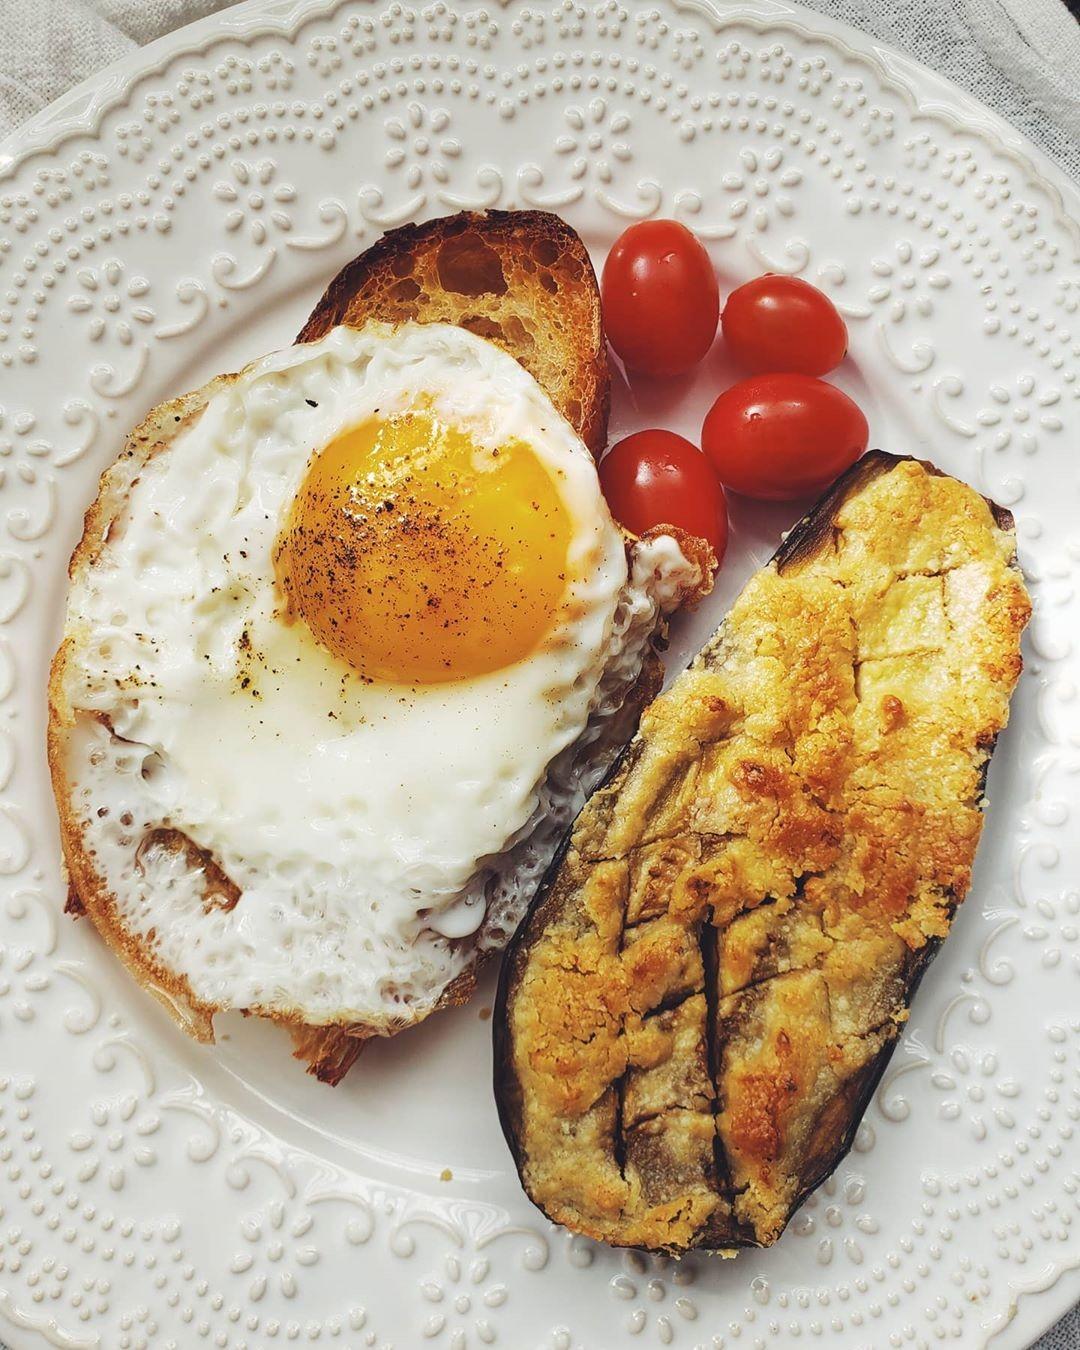 Berinjela com tahine e pão com ovo frito